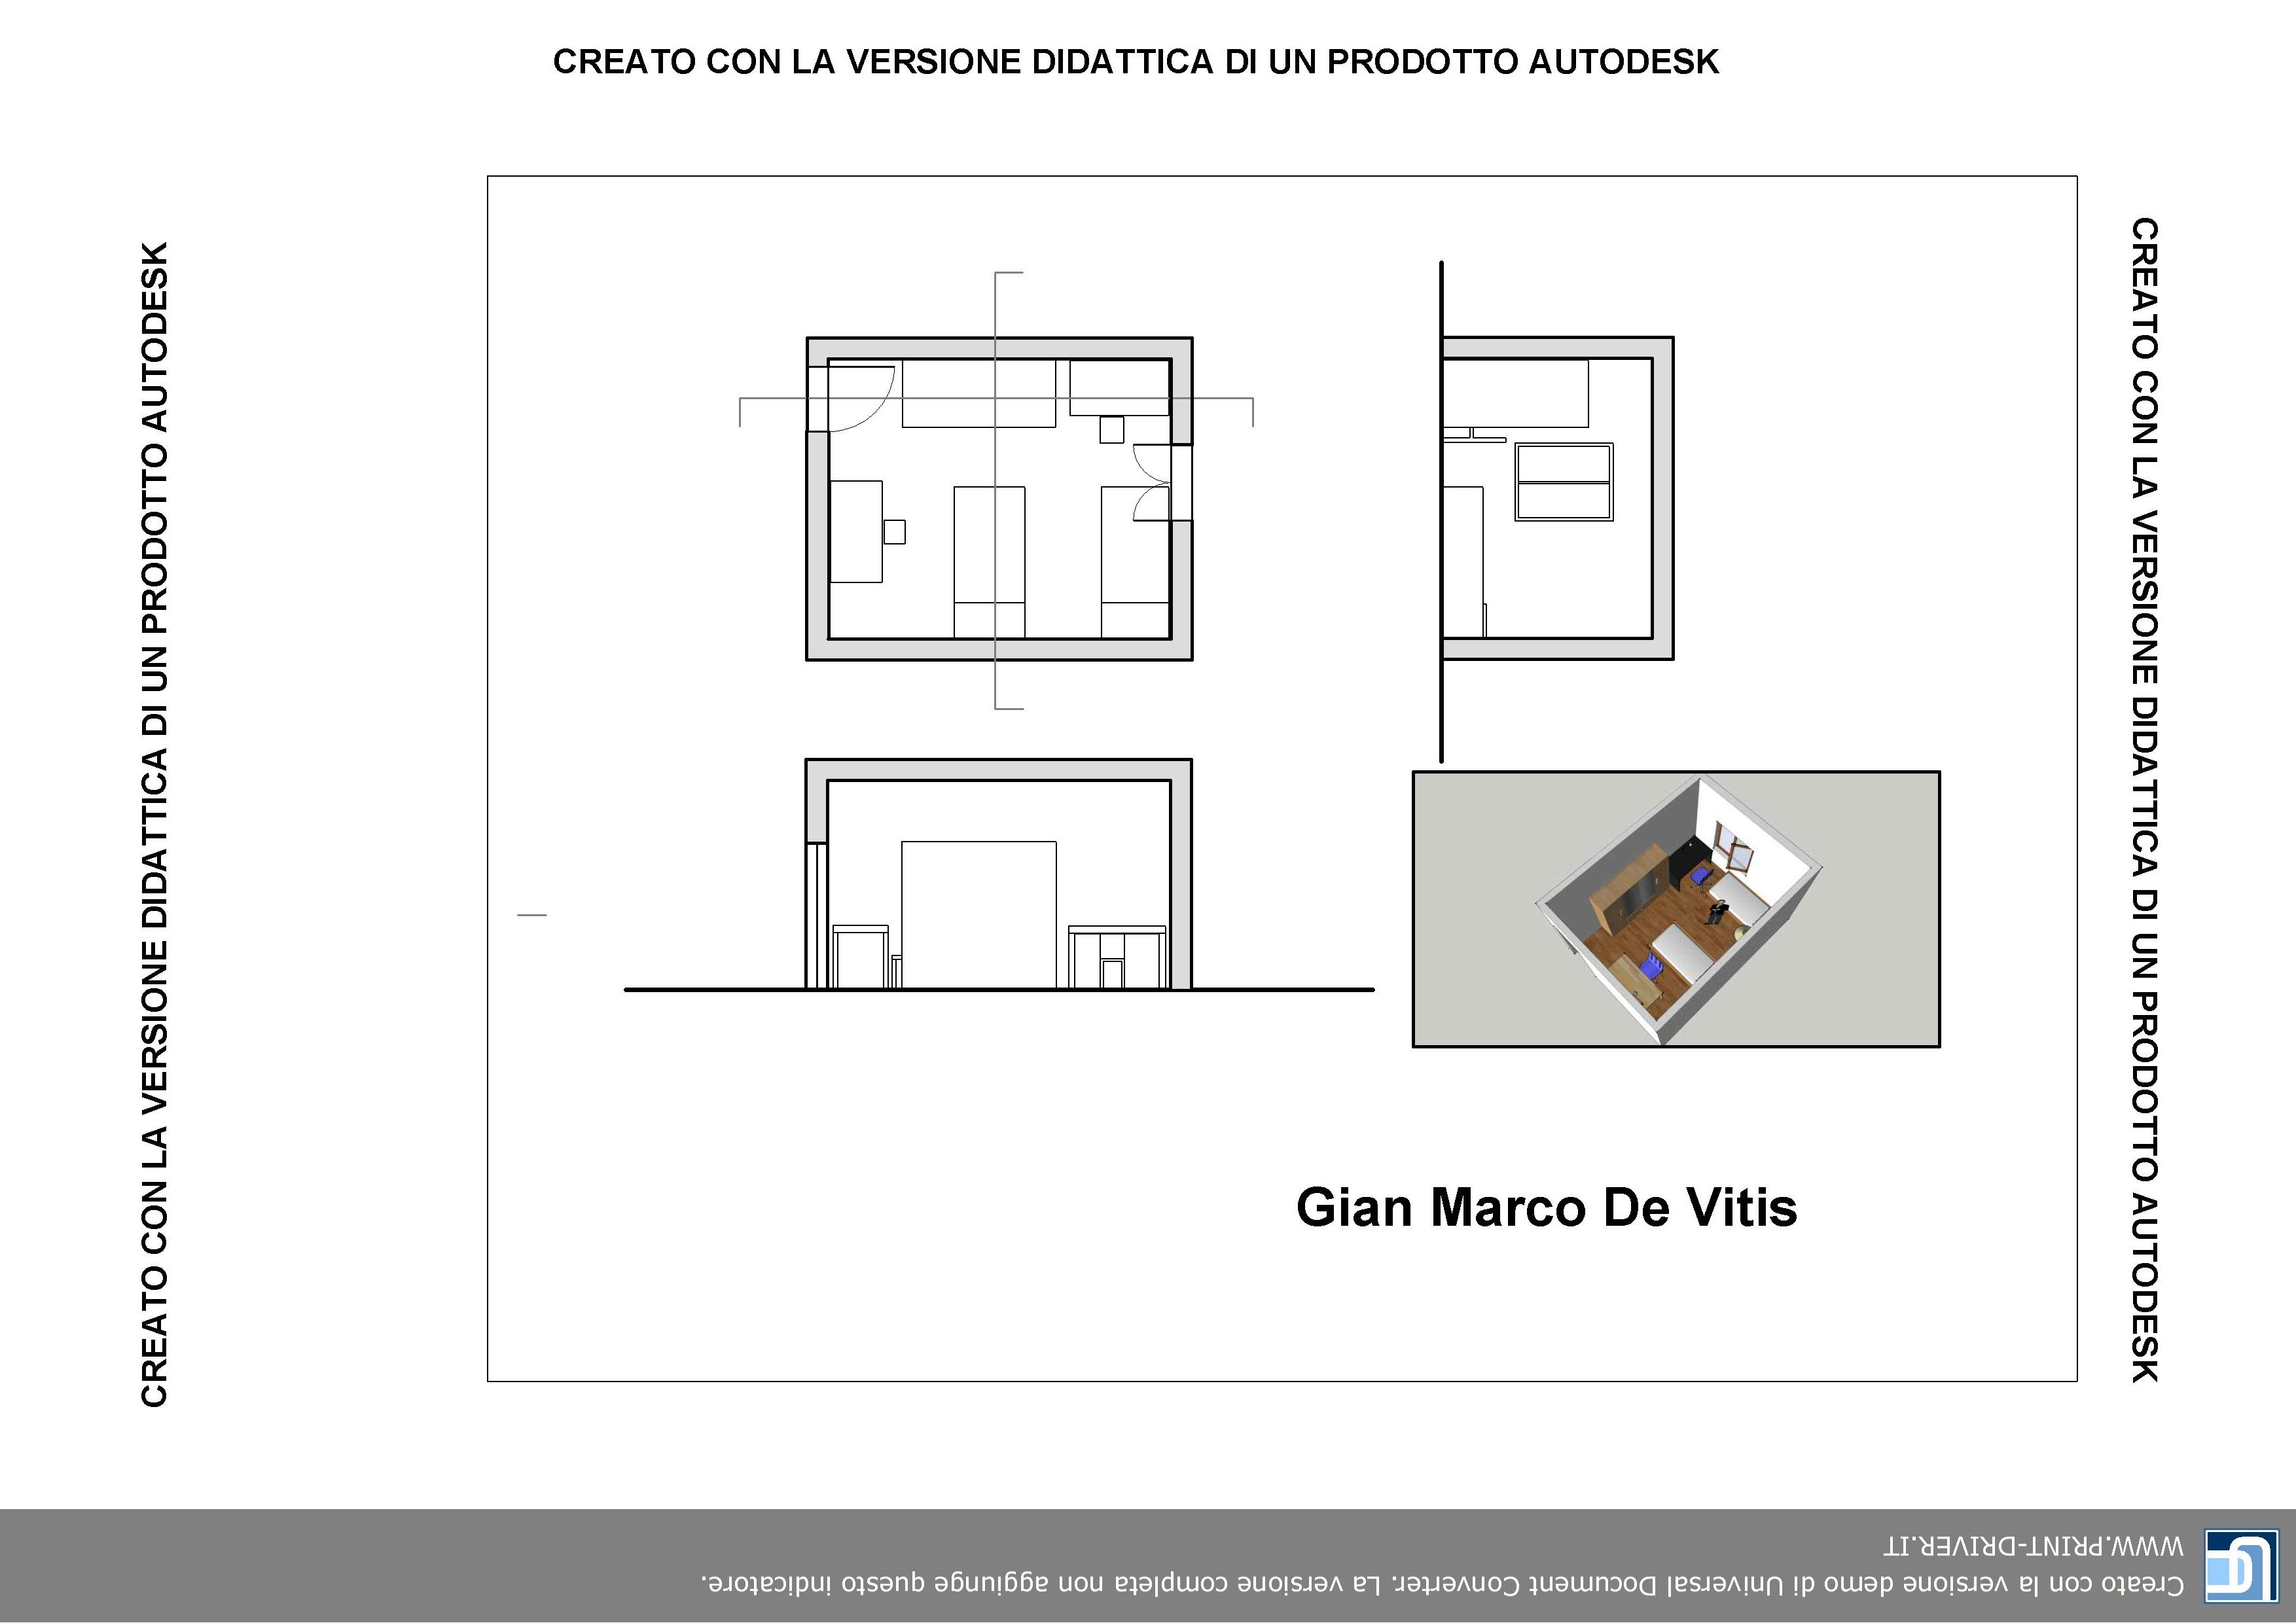 Pianta camera da letto - Autocad | Gian Marco De Vitis | Pinterest